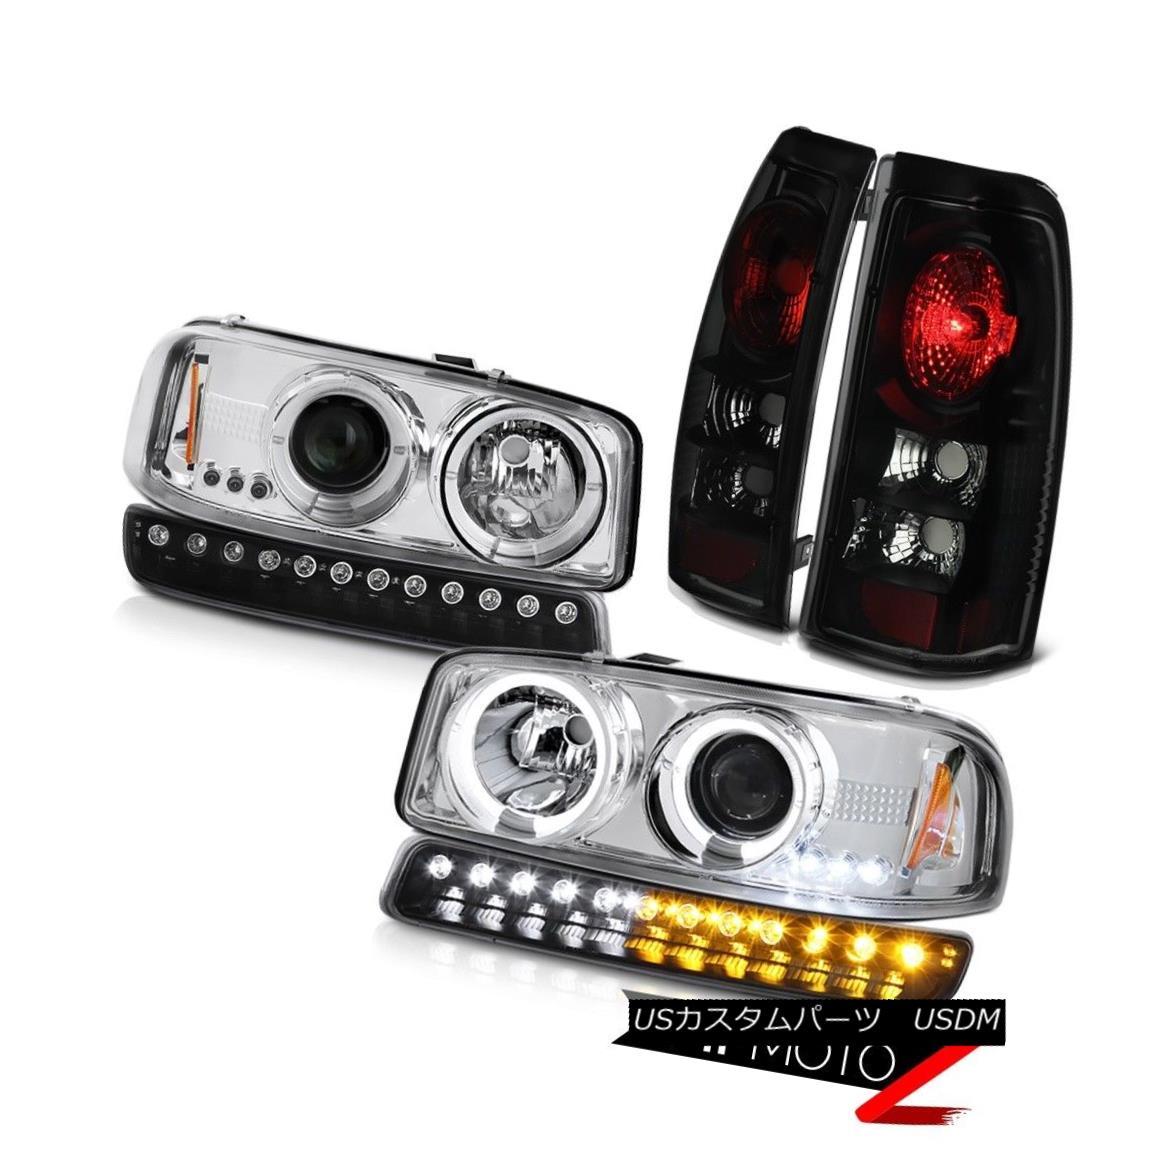 テールライト 99 00 01 02 Sierra 5.3L Rear brake lights inky black signal lamp headlights LED 99 00 01 02 Sierra 5.3Lリアブレーキライト黒色の信号ランプヘッドライトLED